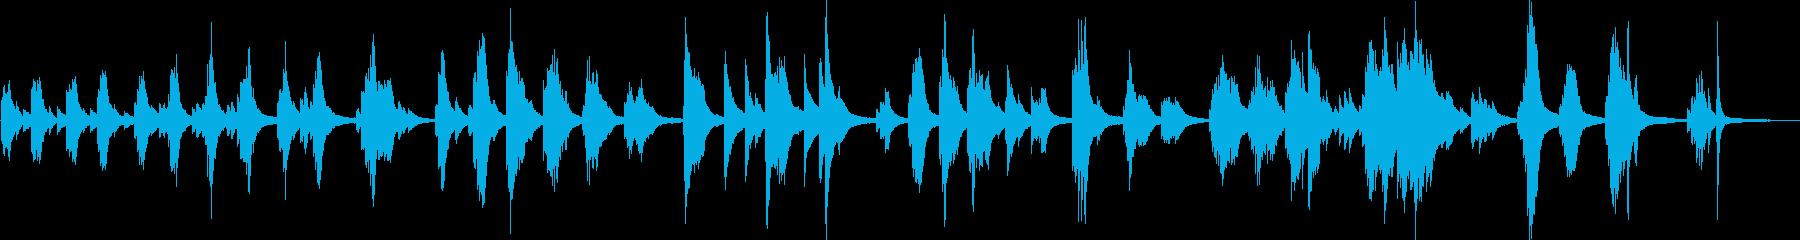 悲劇的な悲しいピアノ曲(切ない・後悔)の再生済みの波形